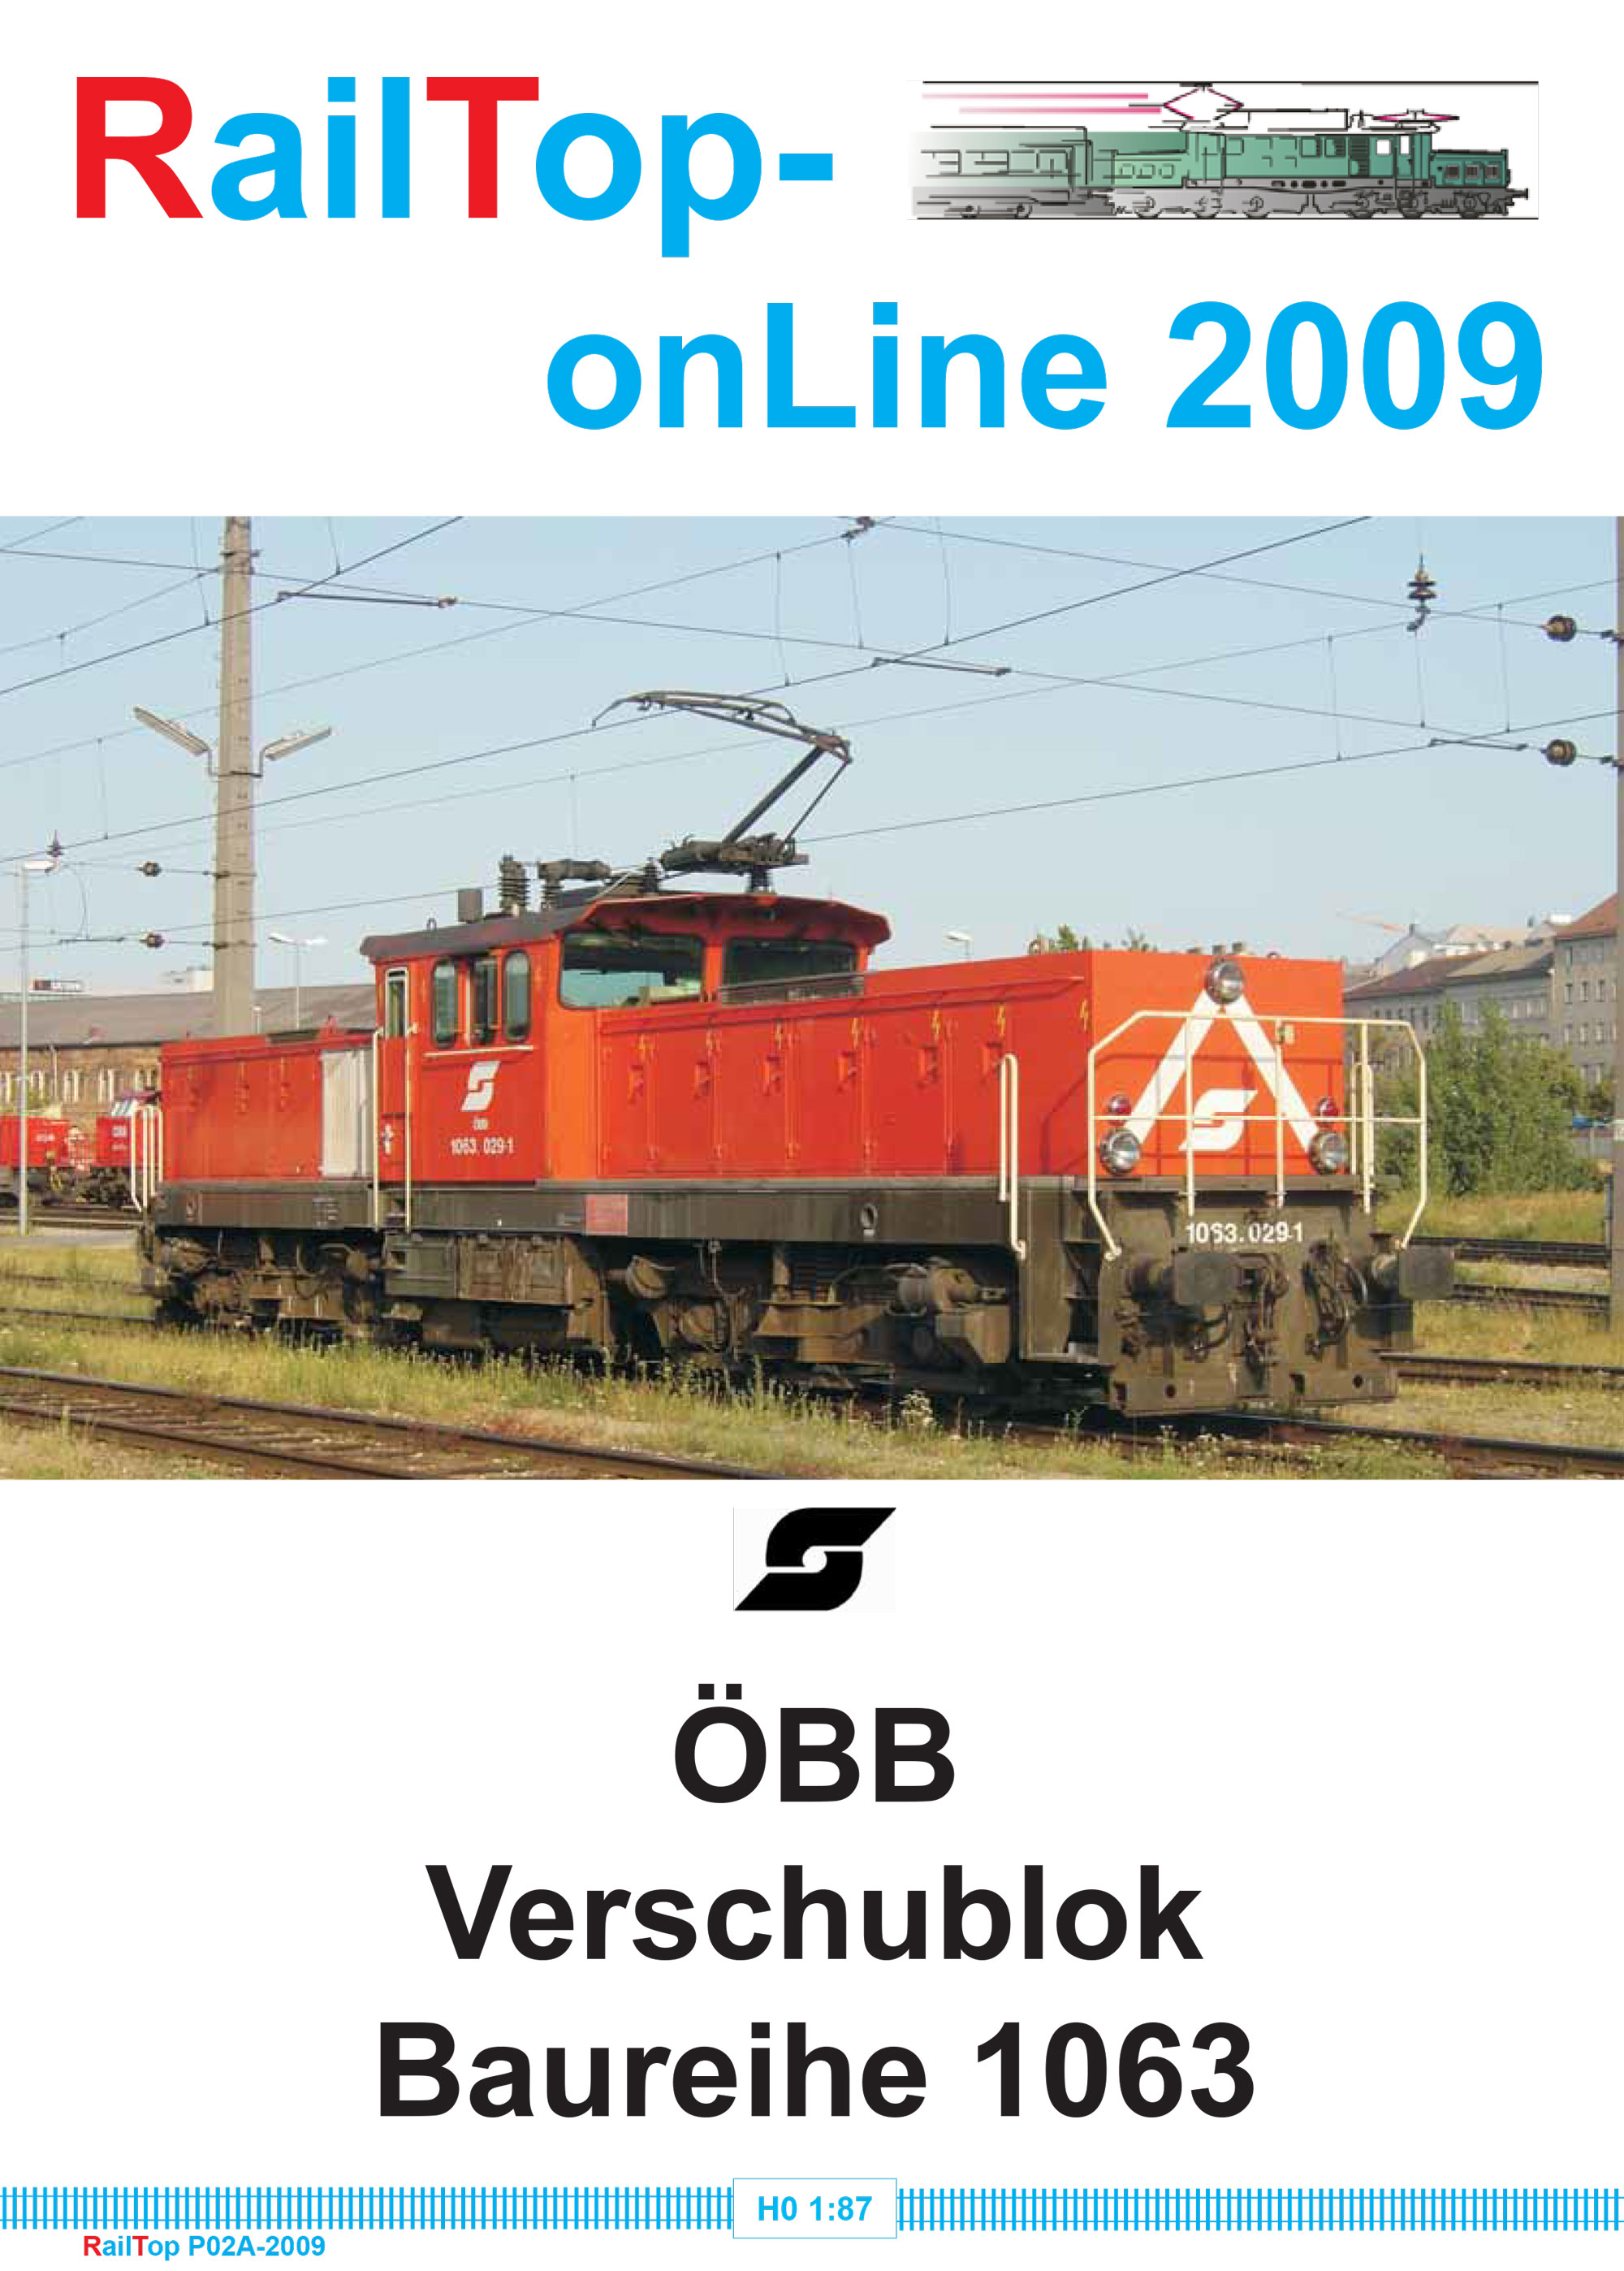 RailTop - ÖBB Verschublok Baureihe 1063